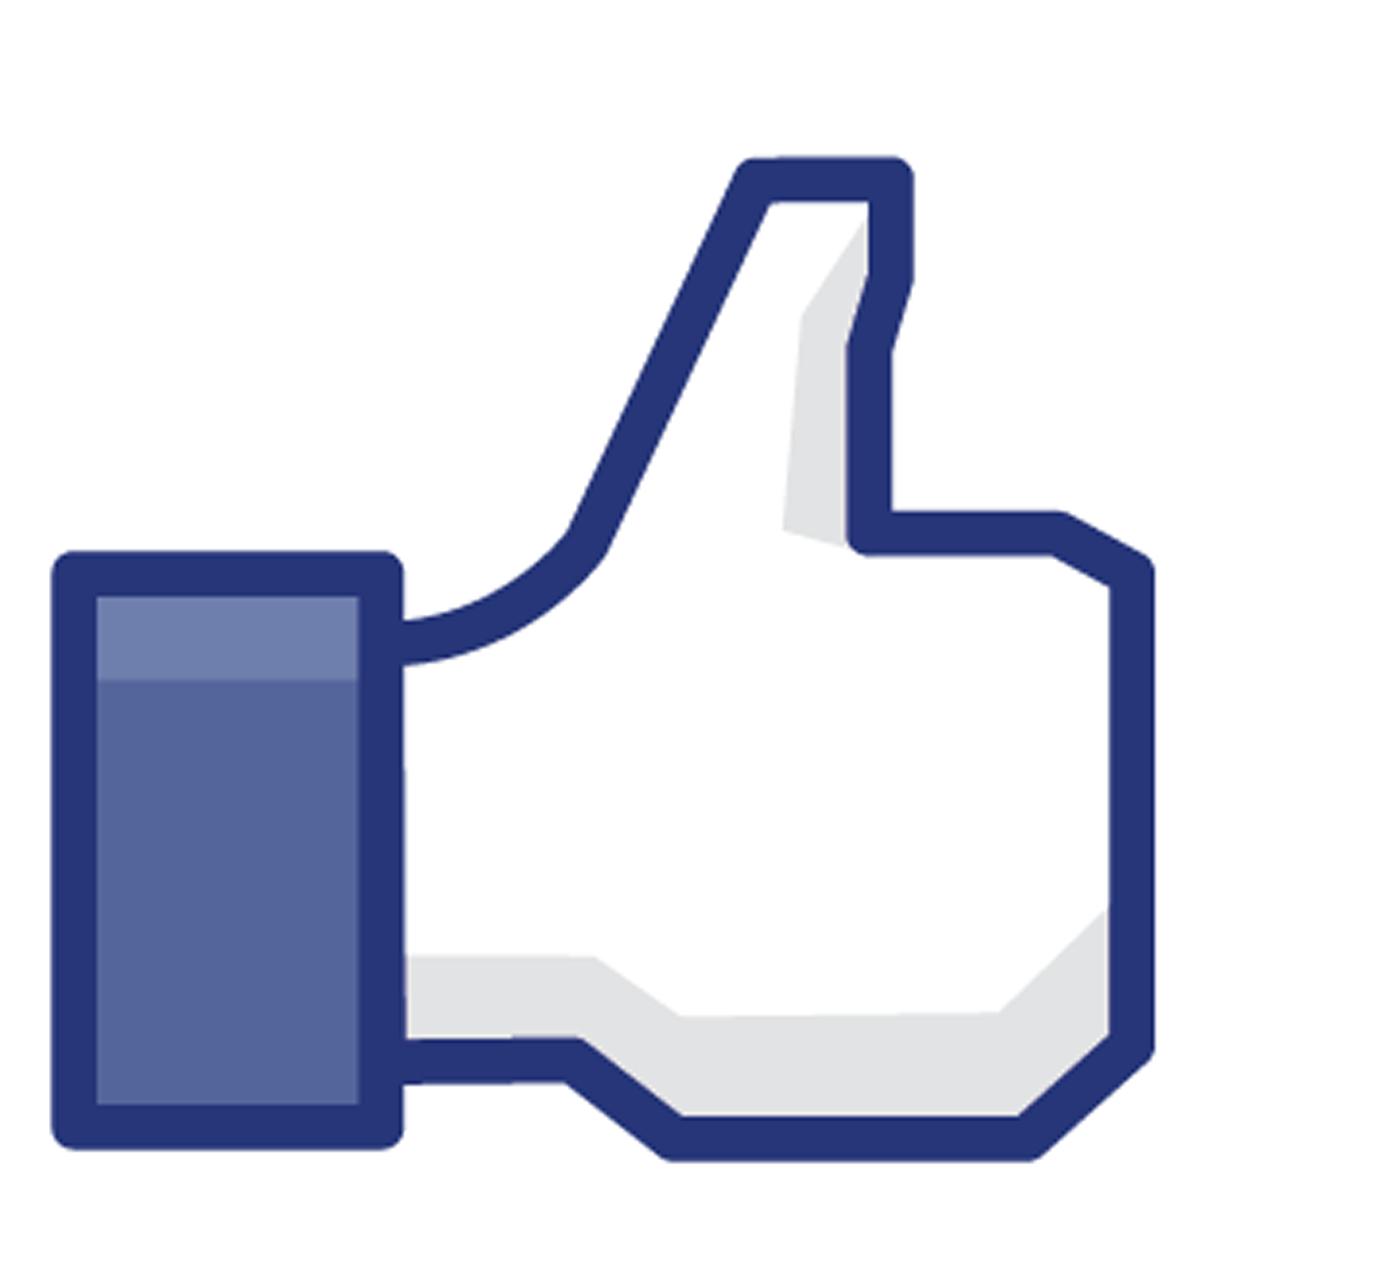 Descubra quem visitou seu perfil no facebook também